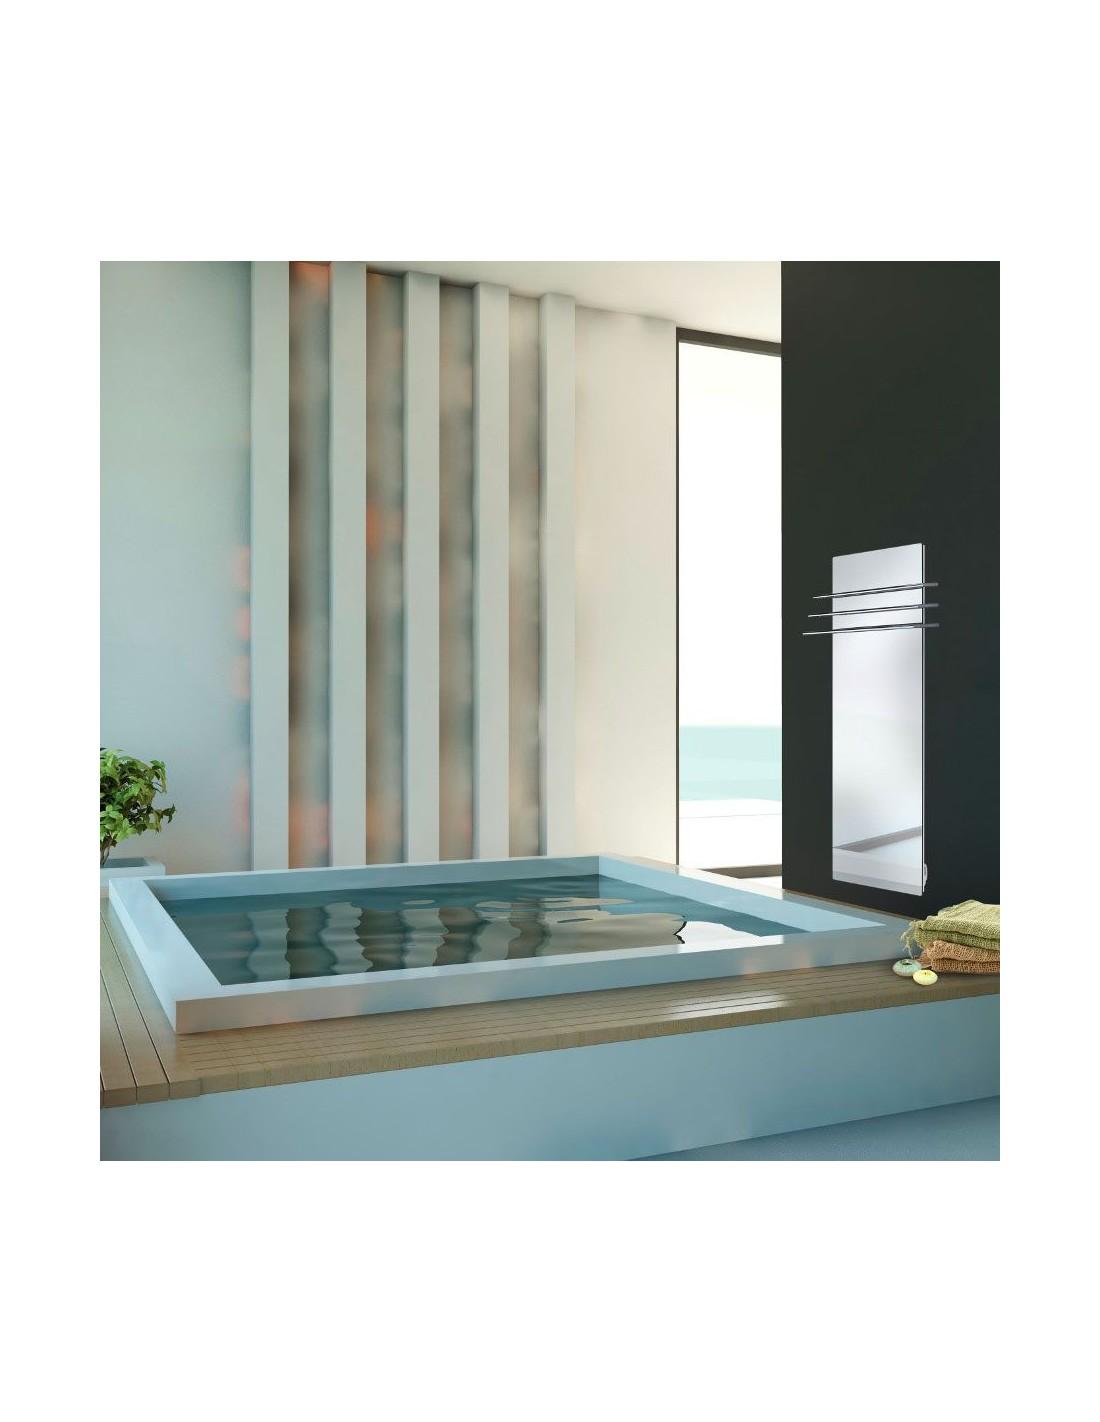 Sèche serviettes Solaris 1500w effet miroir de la marque Fondis - Valente design